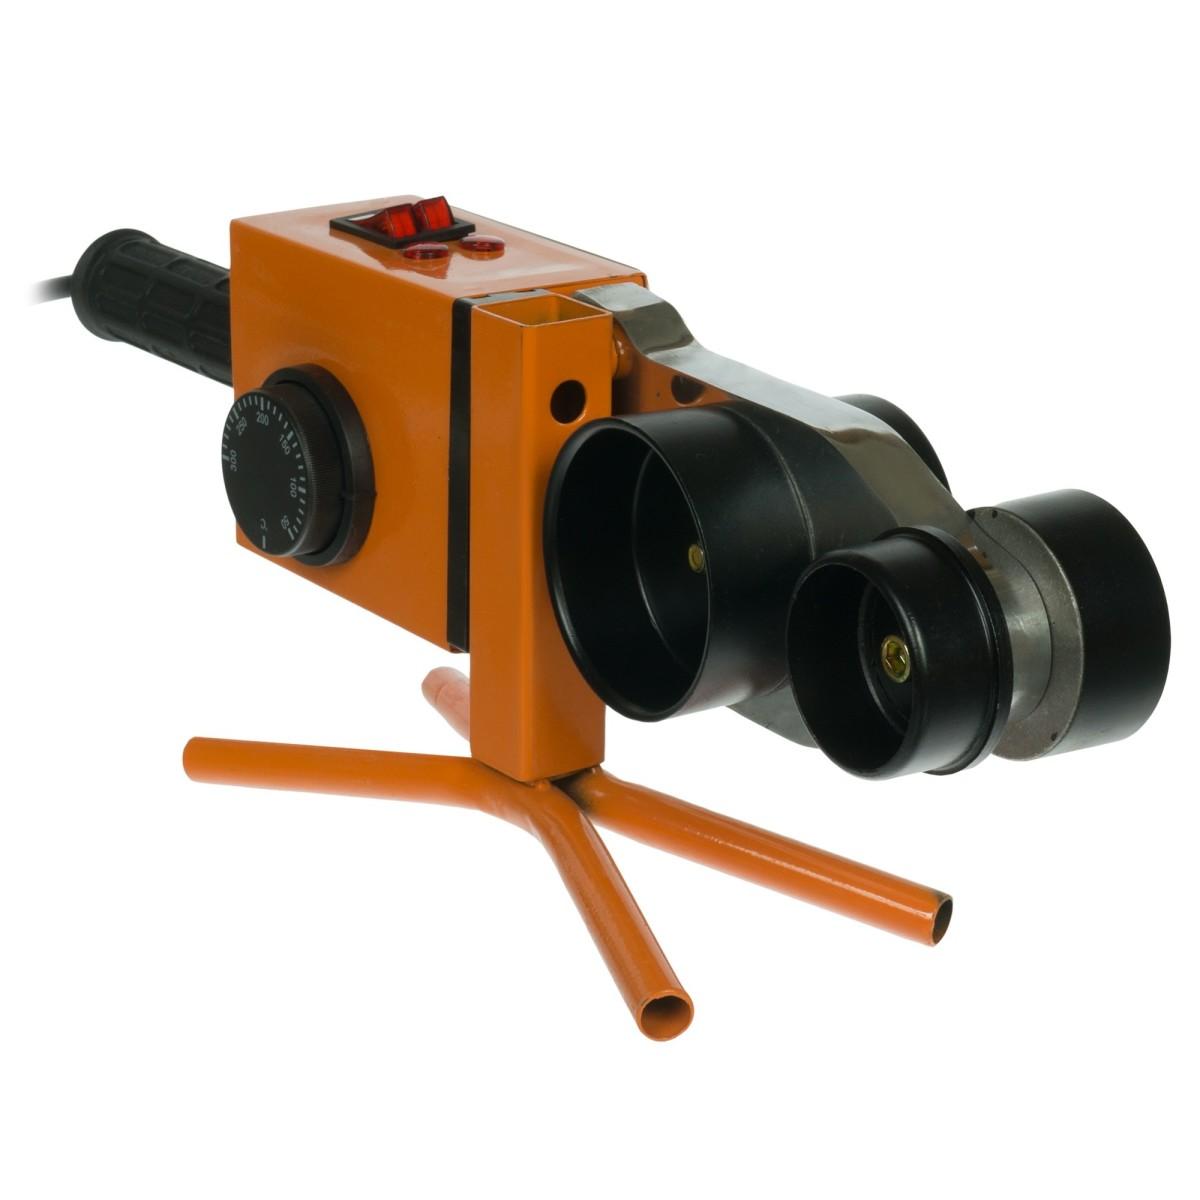 Сварочные аппараты для пластиковых труб FoxPlastic FoxPlastic 2500 ZJM 6120